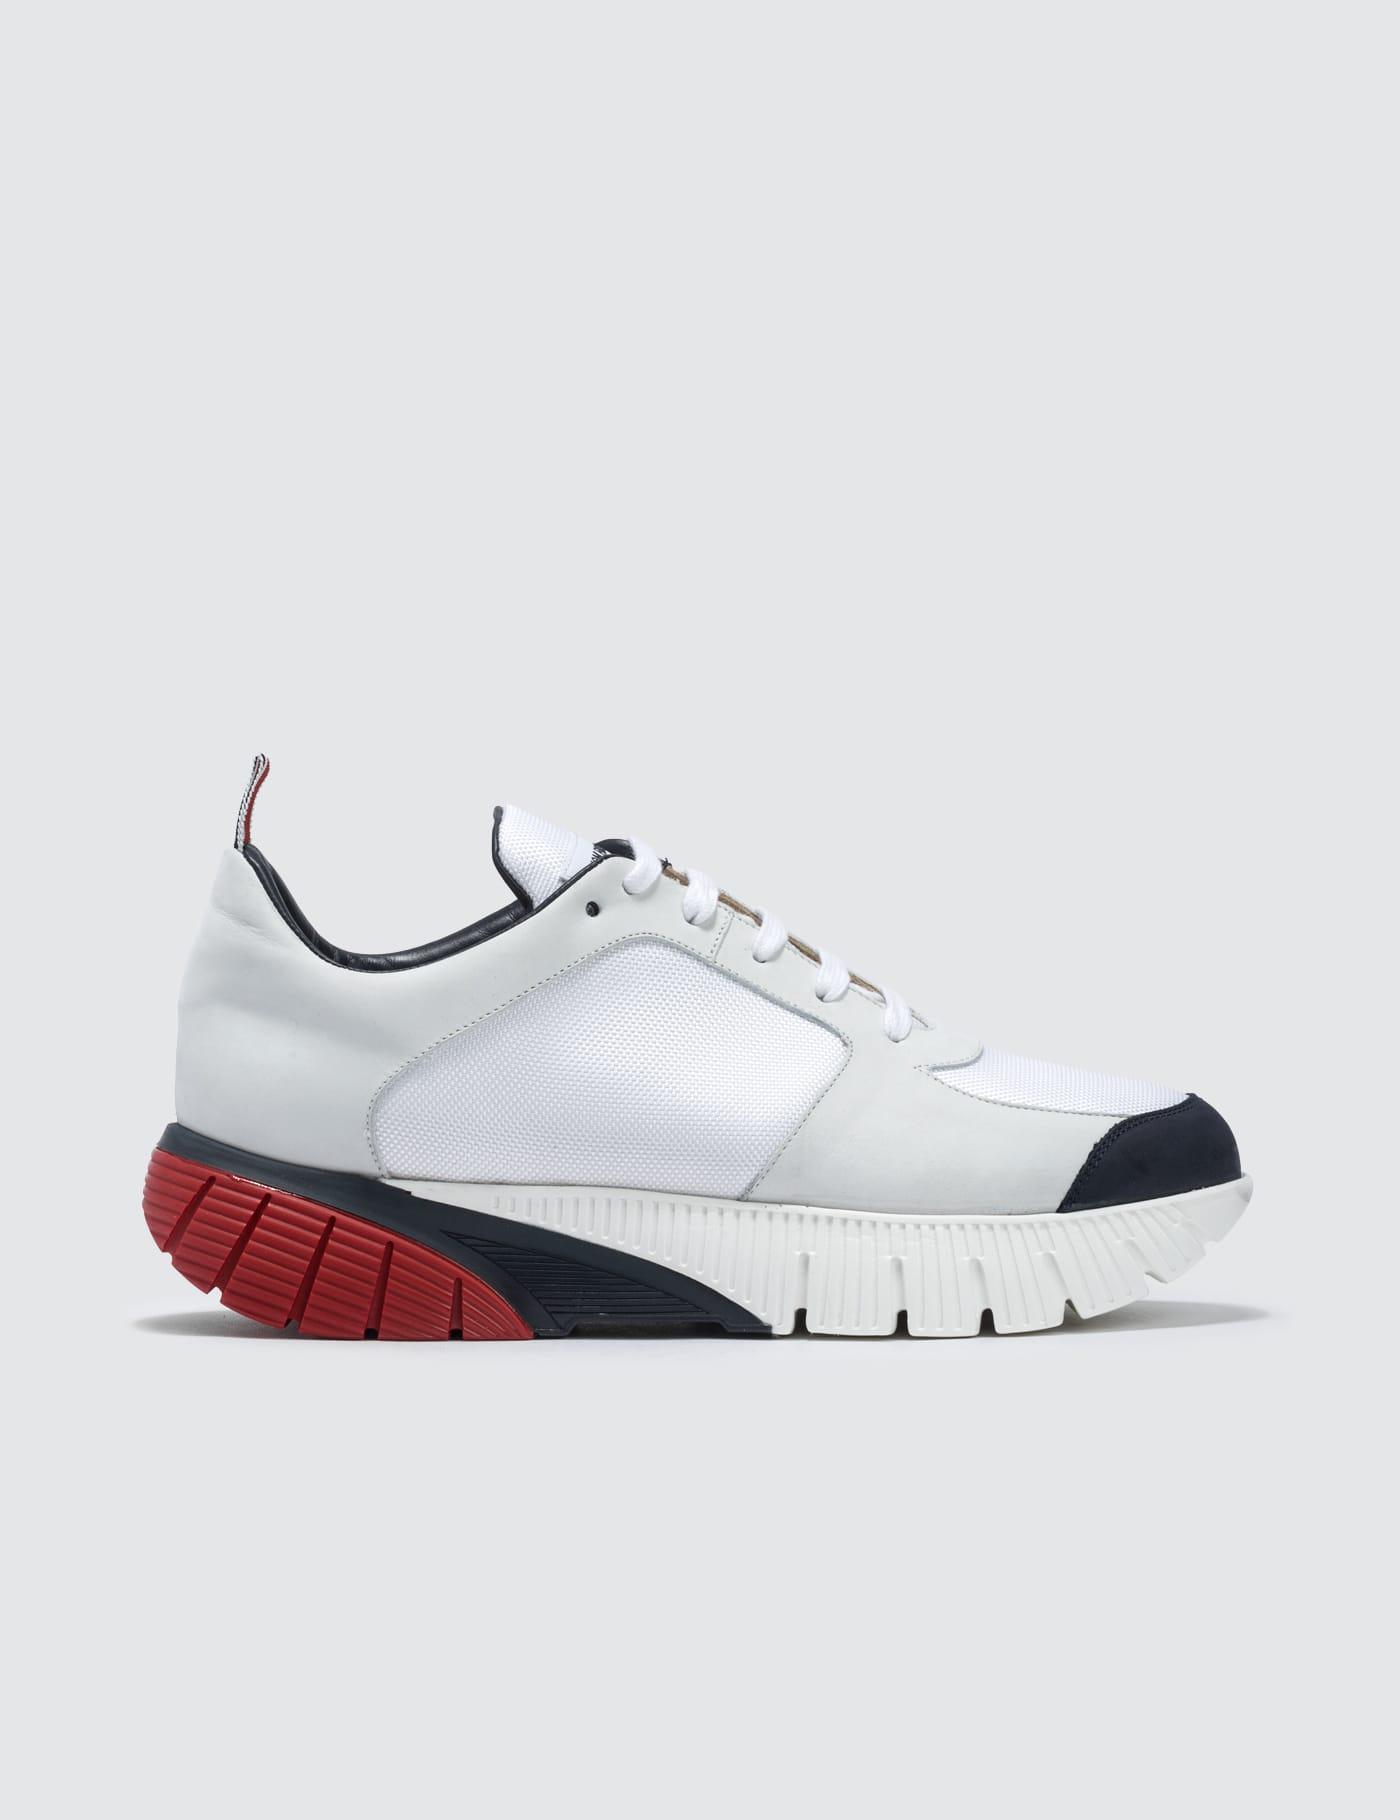 Thom Browne - Raised Running Shoe   HBX